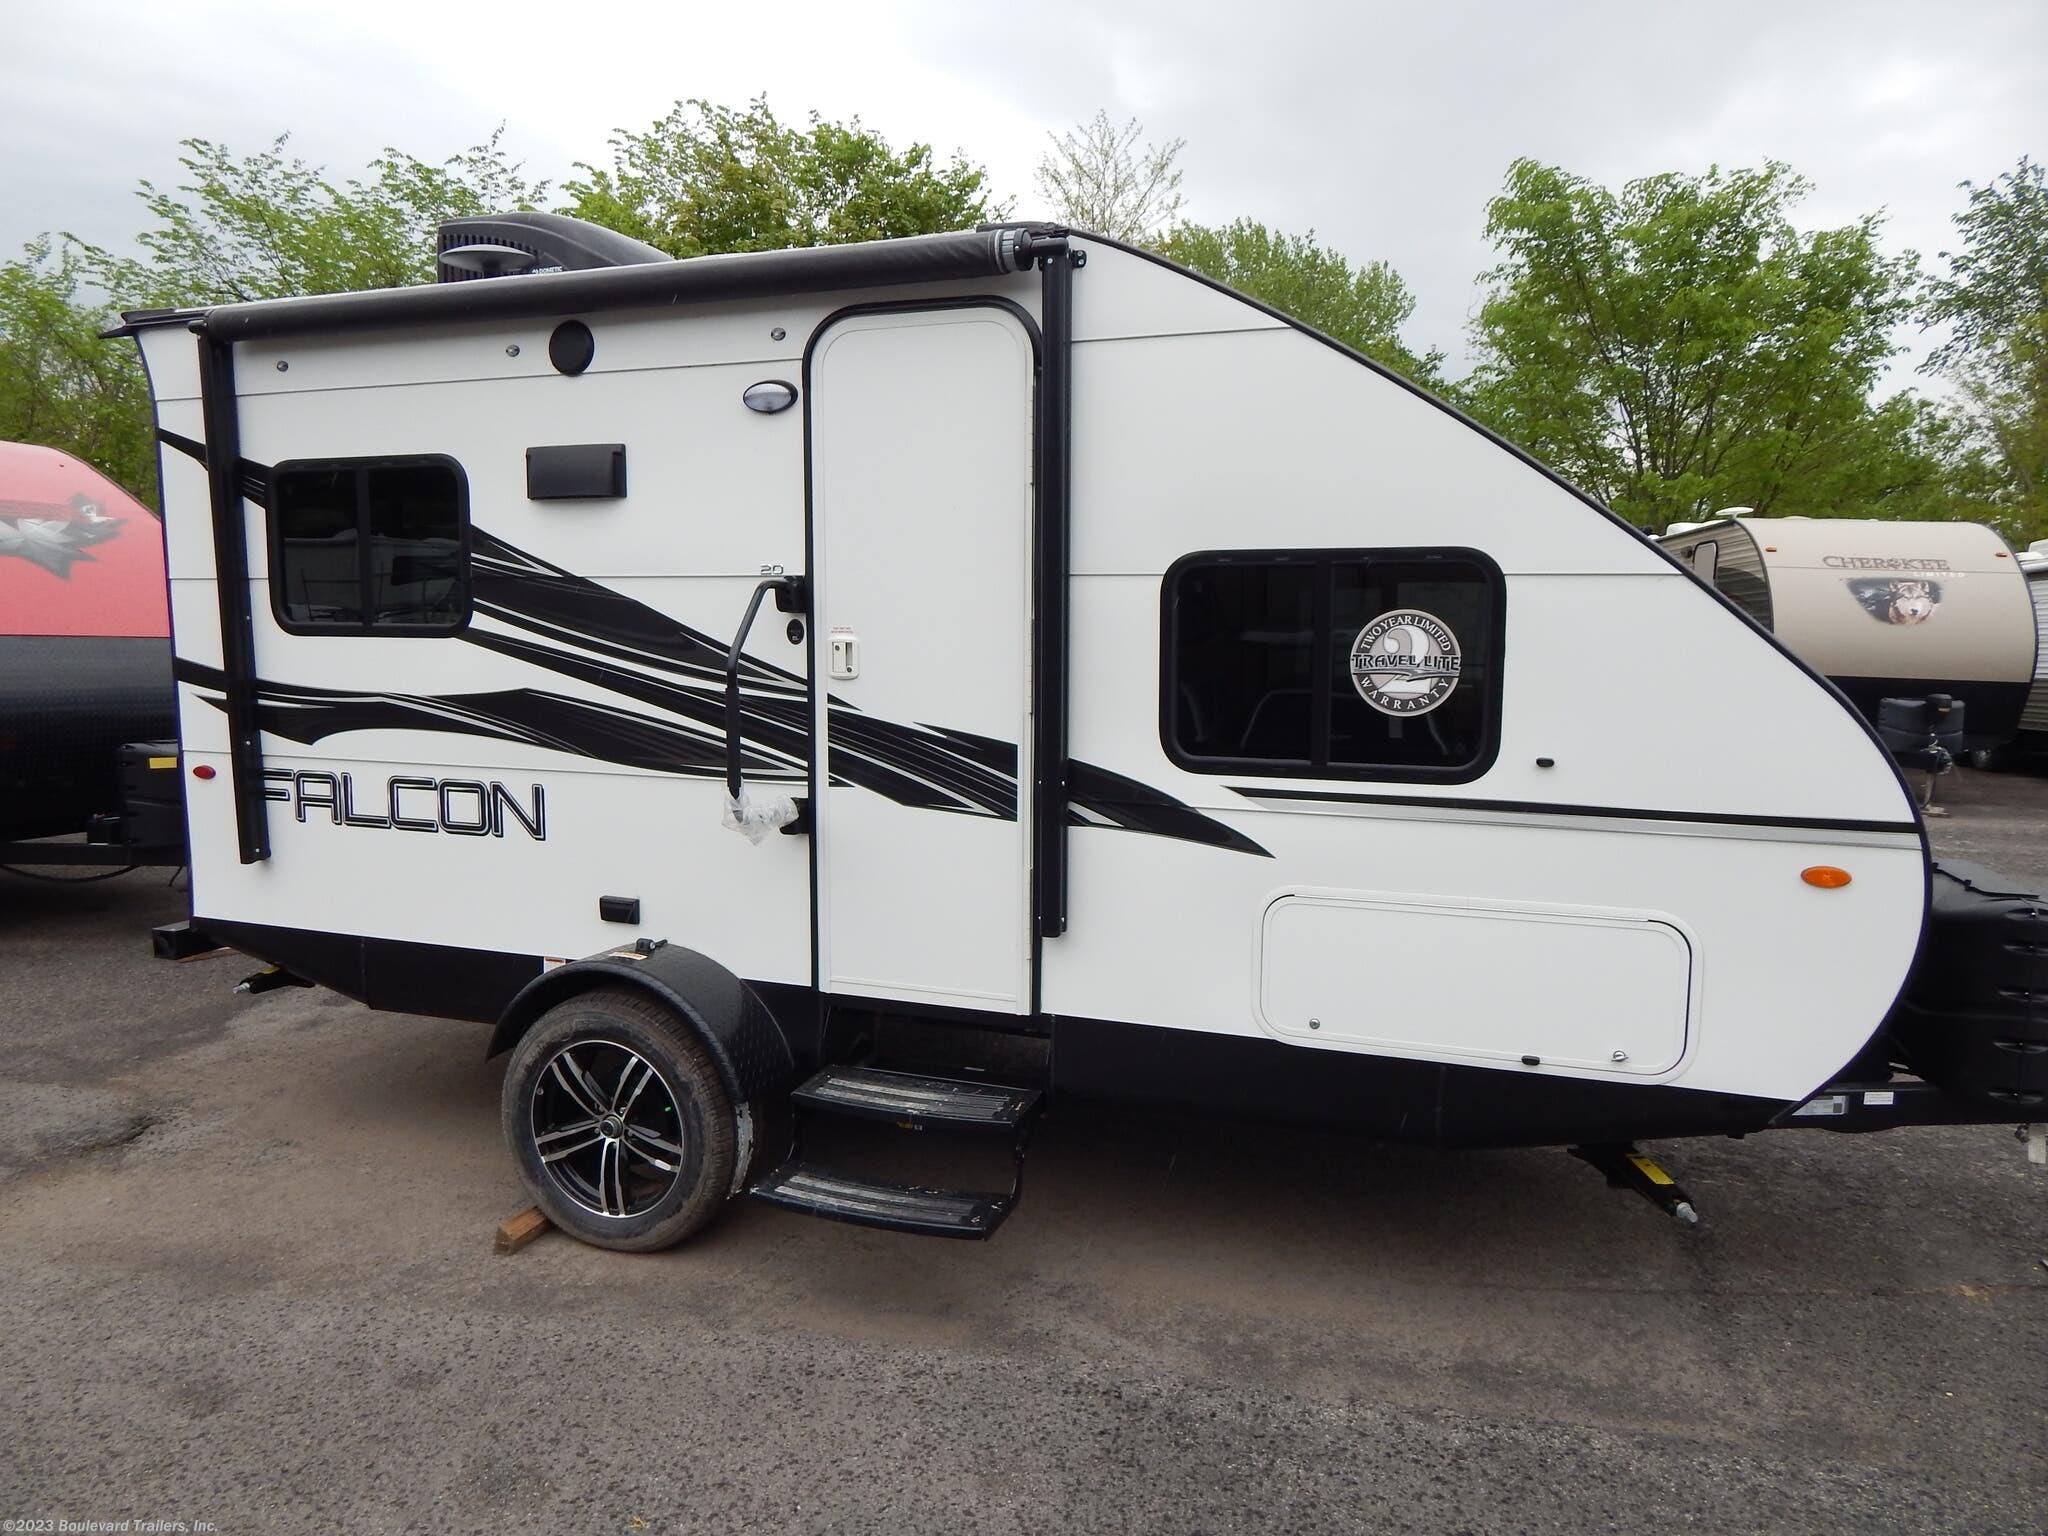 2020 Travel Lite RV Falcon 20 for Sale in Whitesboro, NY 13492   7